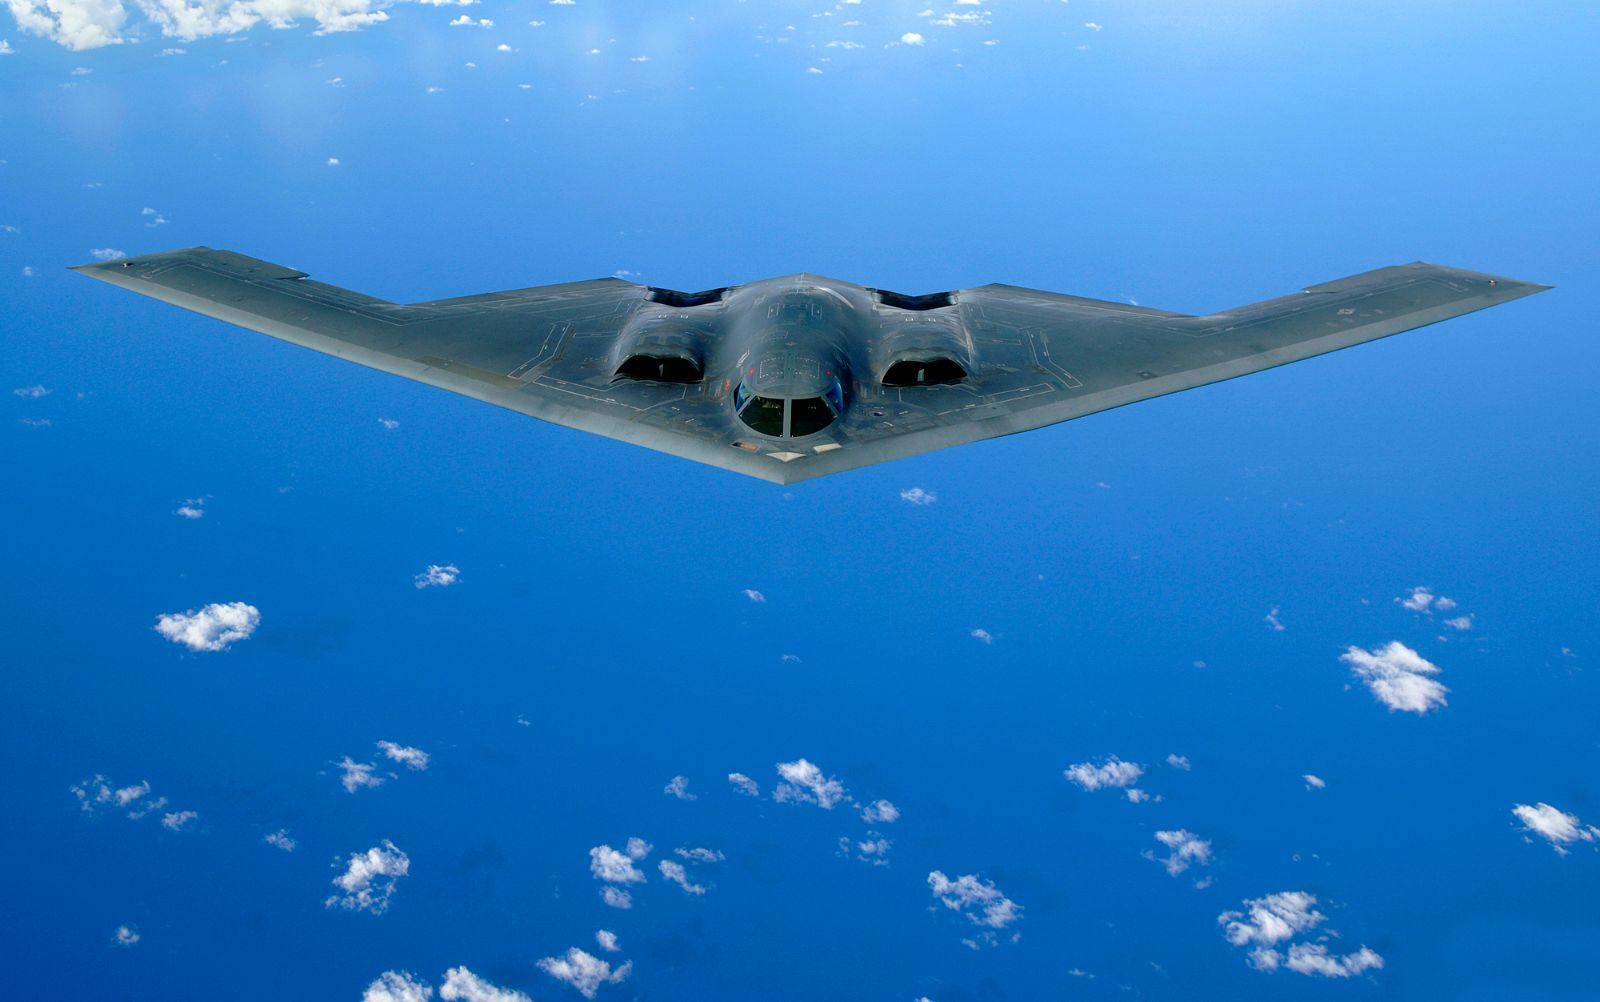 数据显示猛禽徘徊 F-22哪怕重启之后可能也难以对付歼-20